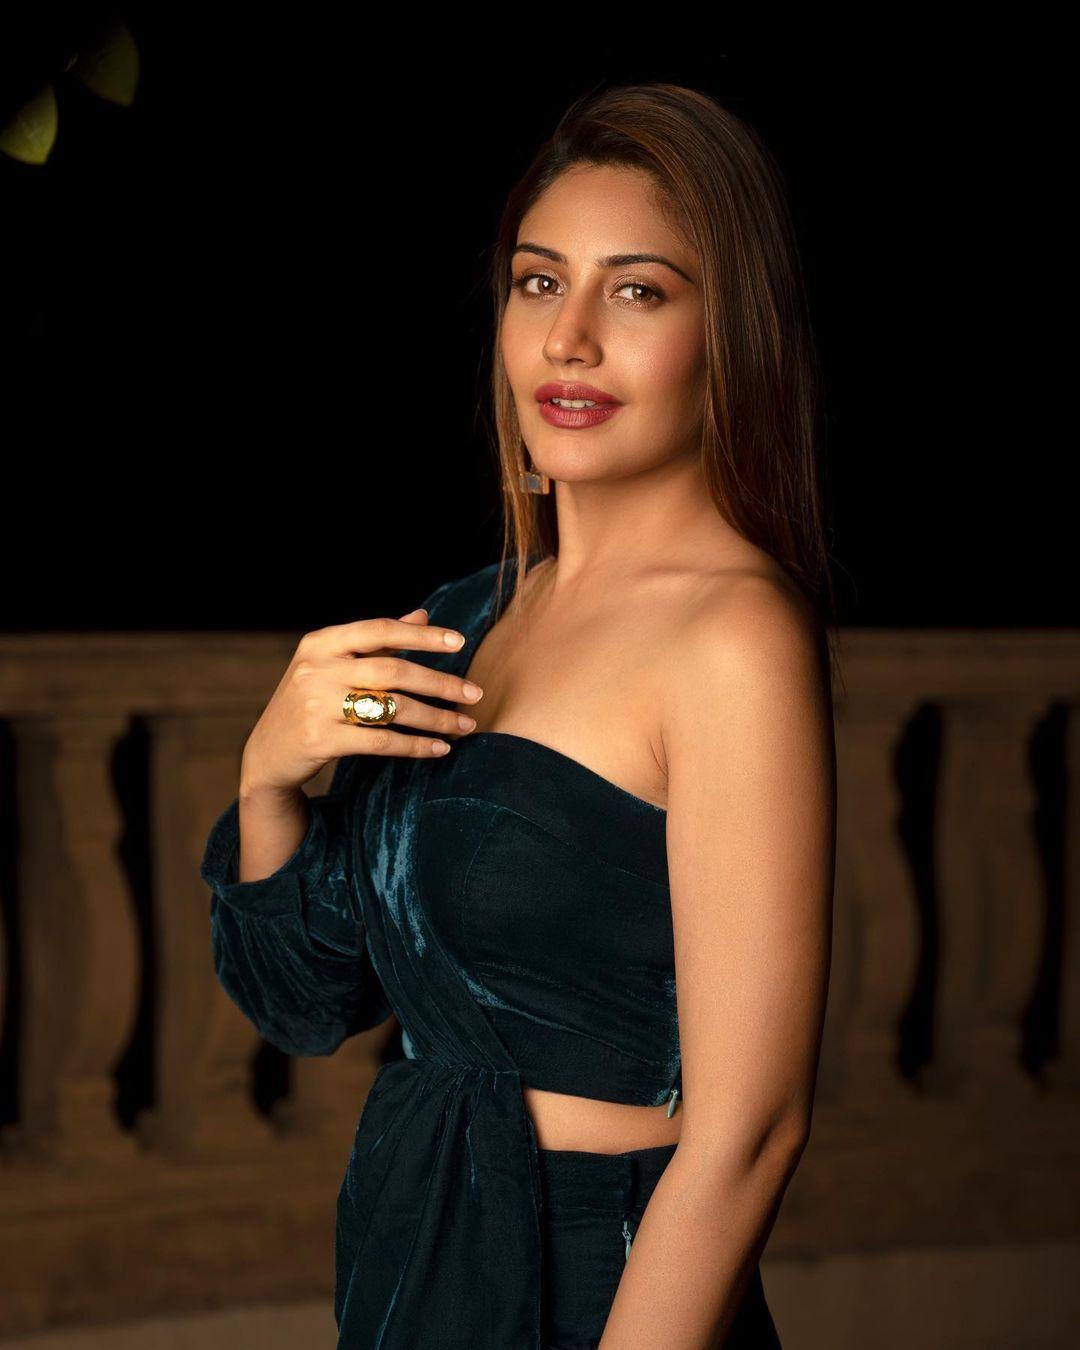 Surbhi Chandna in maroon